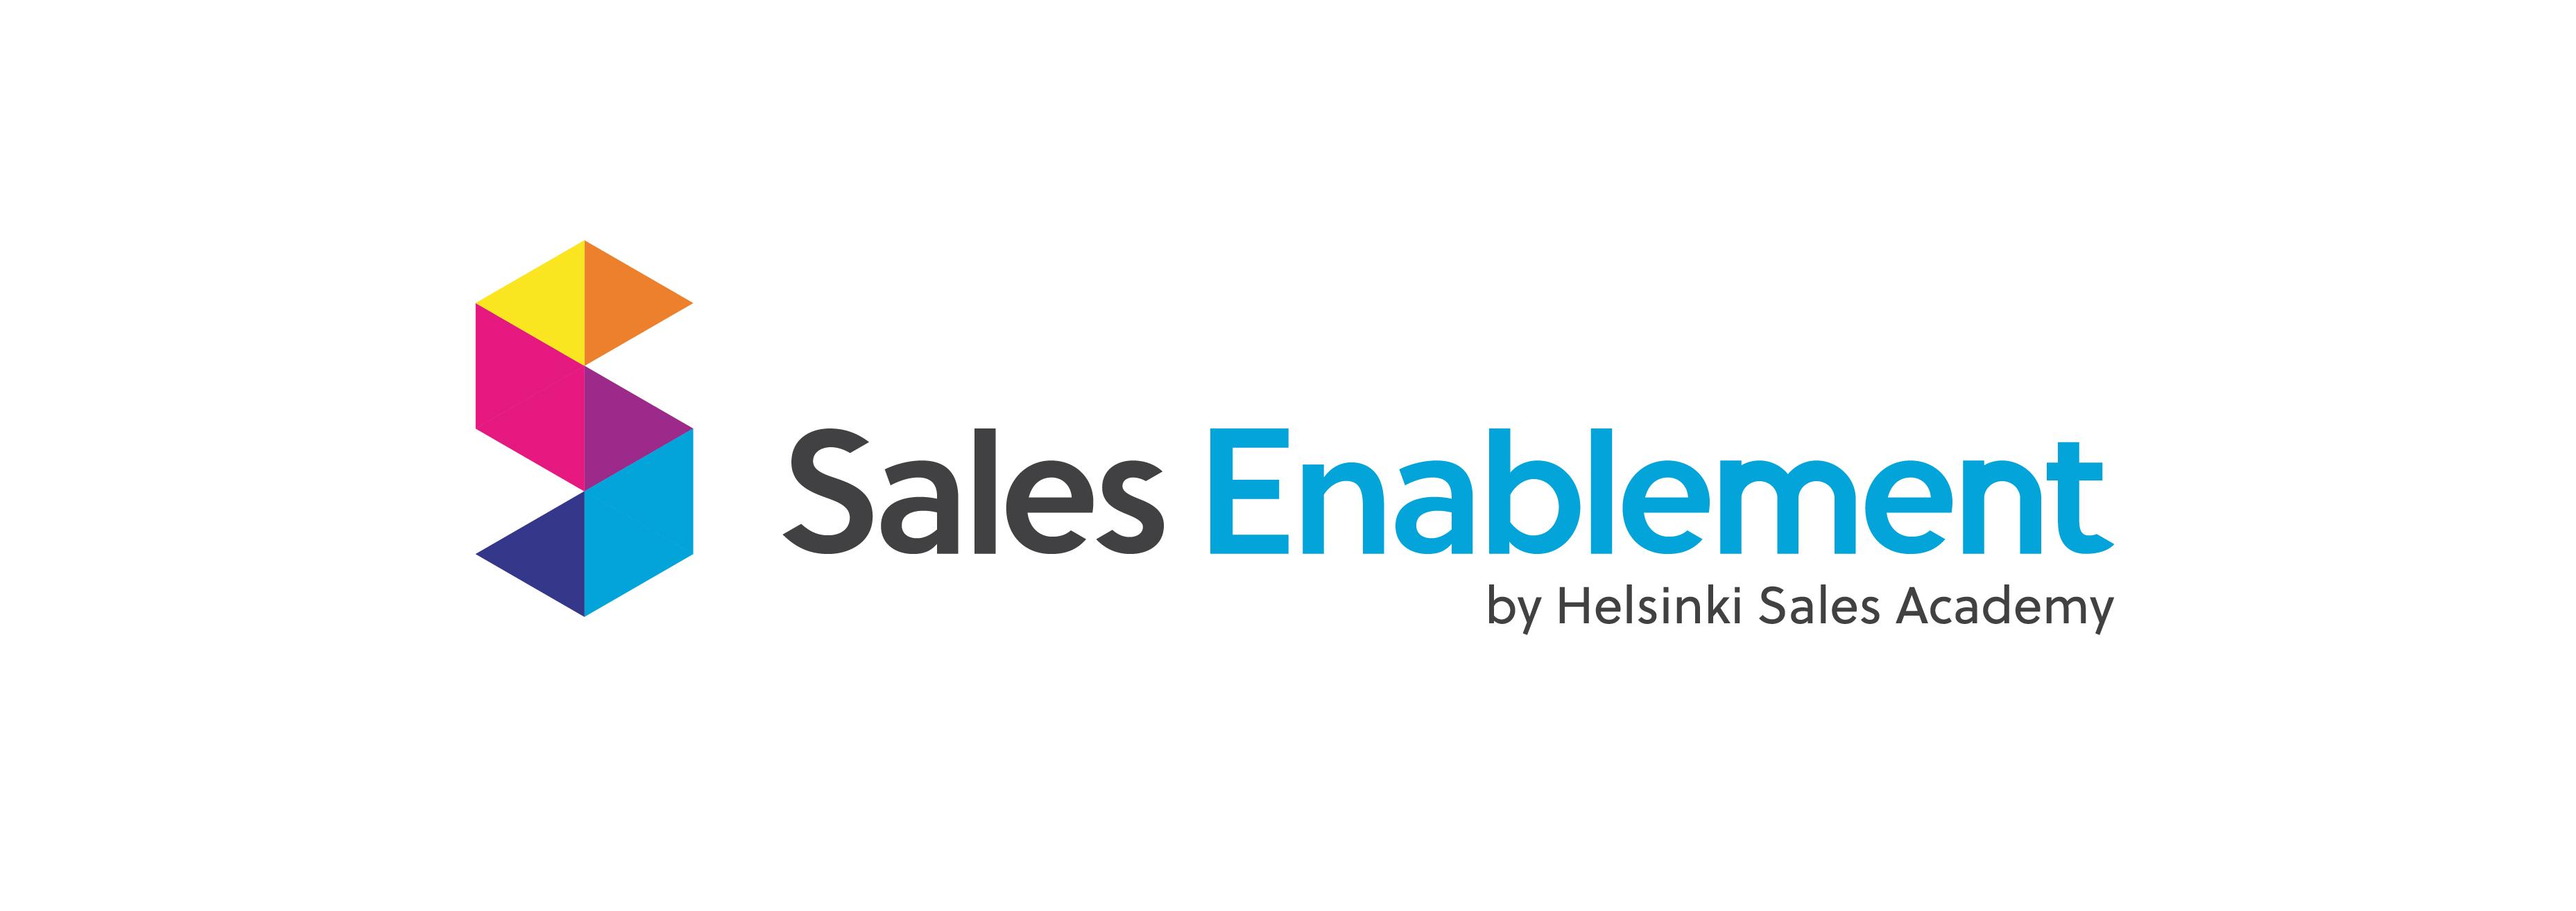 Suomen ensimmäinen Sales Enablement -tapahtuma järjestetään tiistaina 4.9.2018 Vanhalla Ylioppilastalolla Helsingissä.